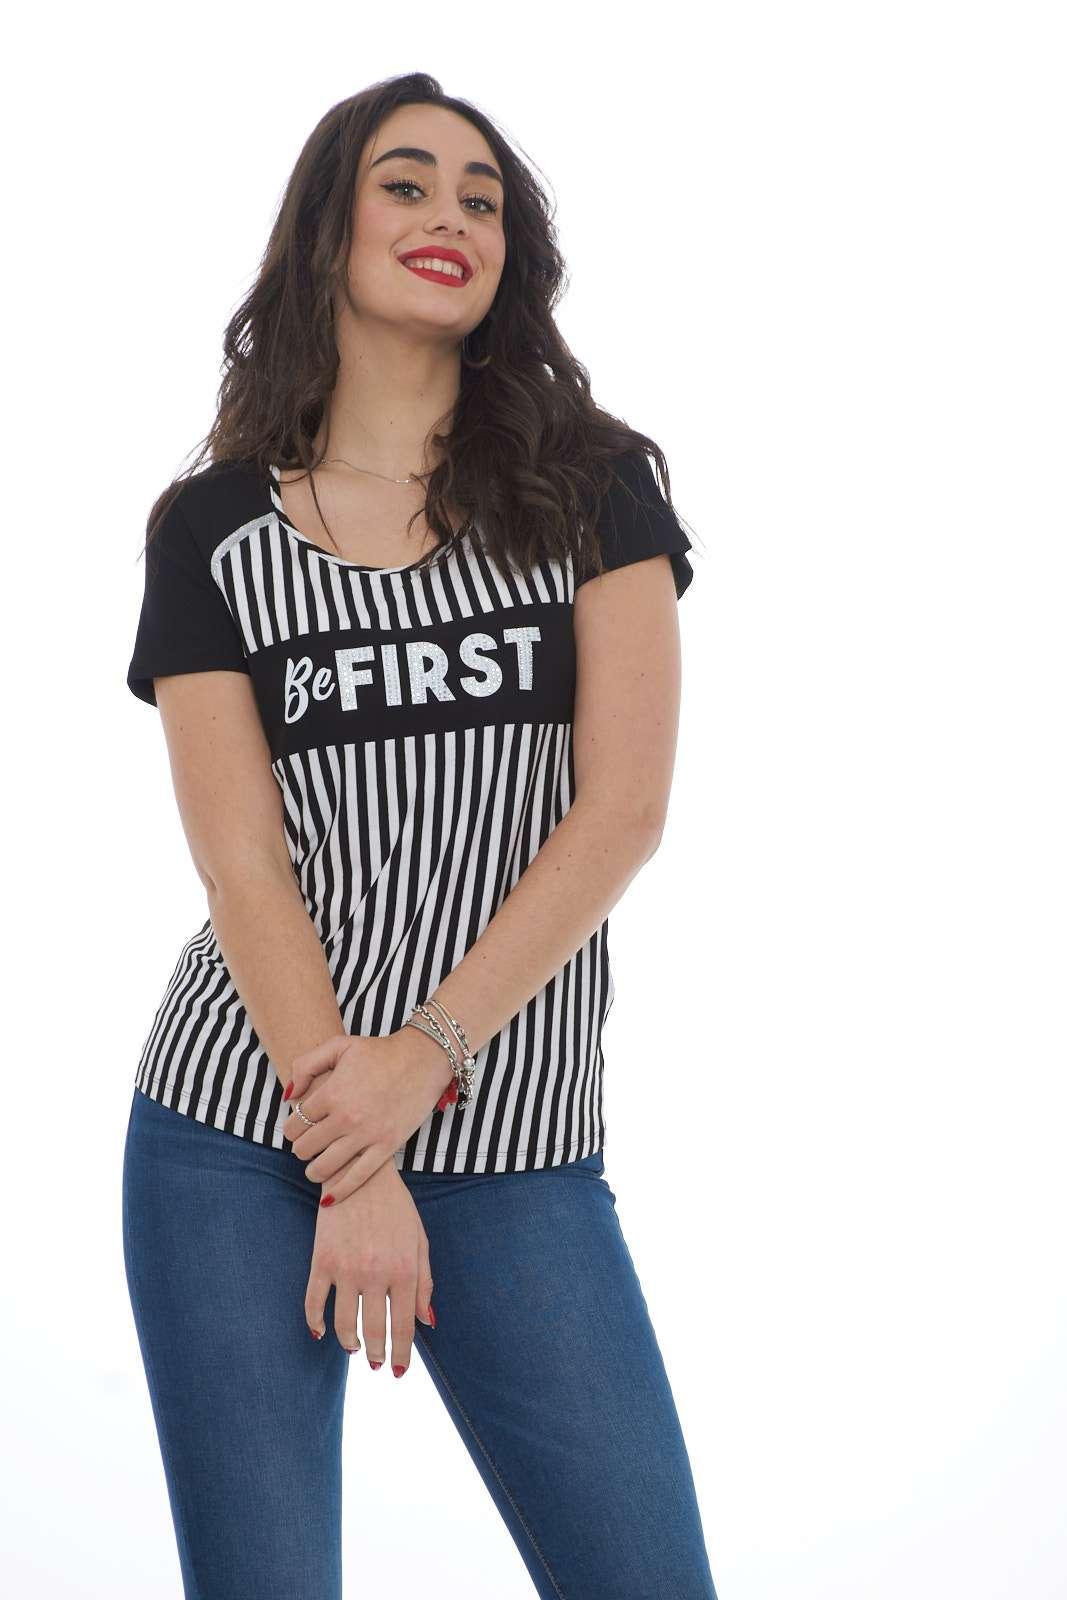 https://www.parmax.com/media/catalog/product/a/i/PE-outlet_parmax-t-shirt-donna-Liu-Jo-T19153-A.jpg